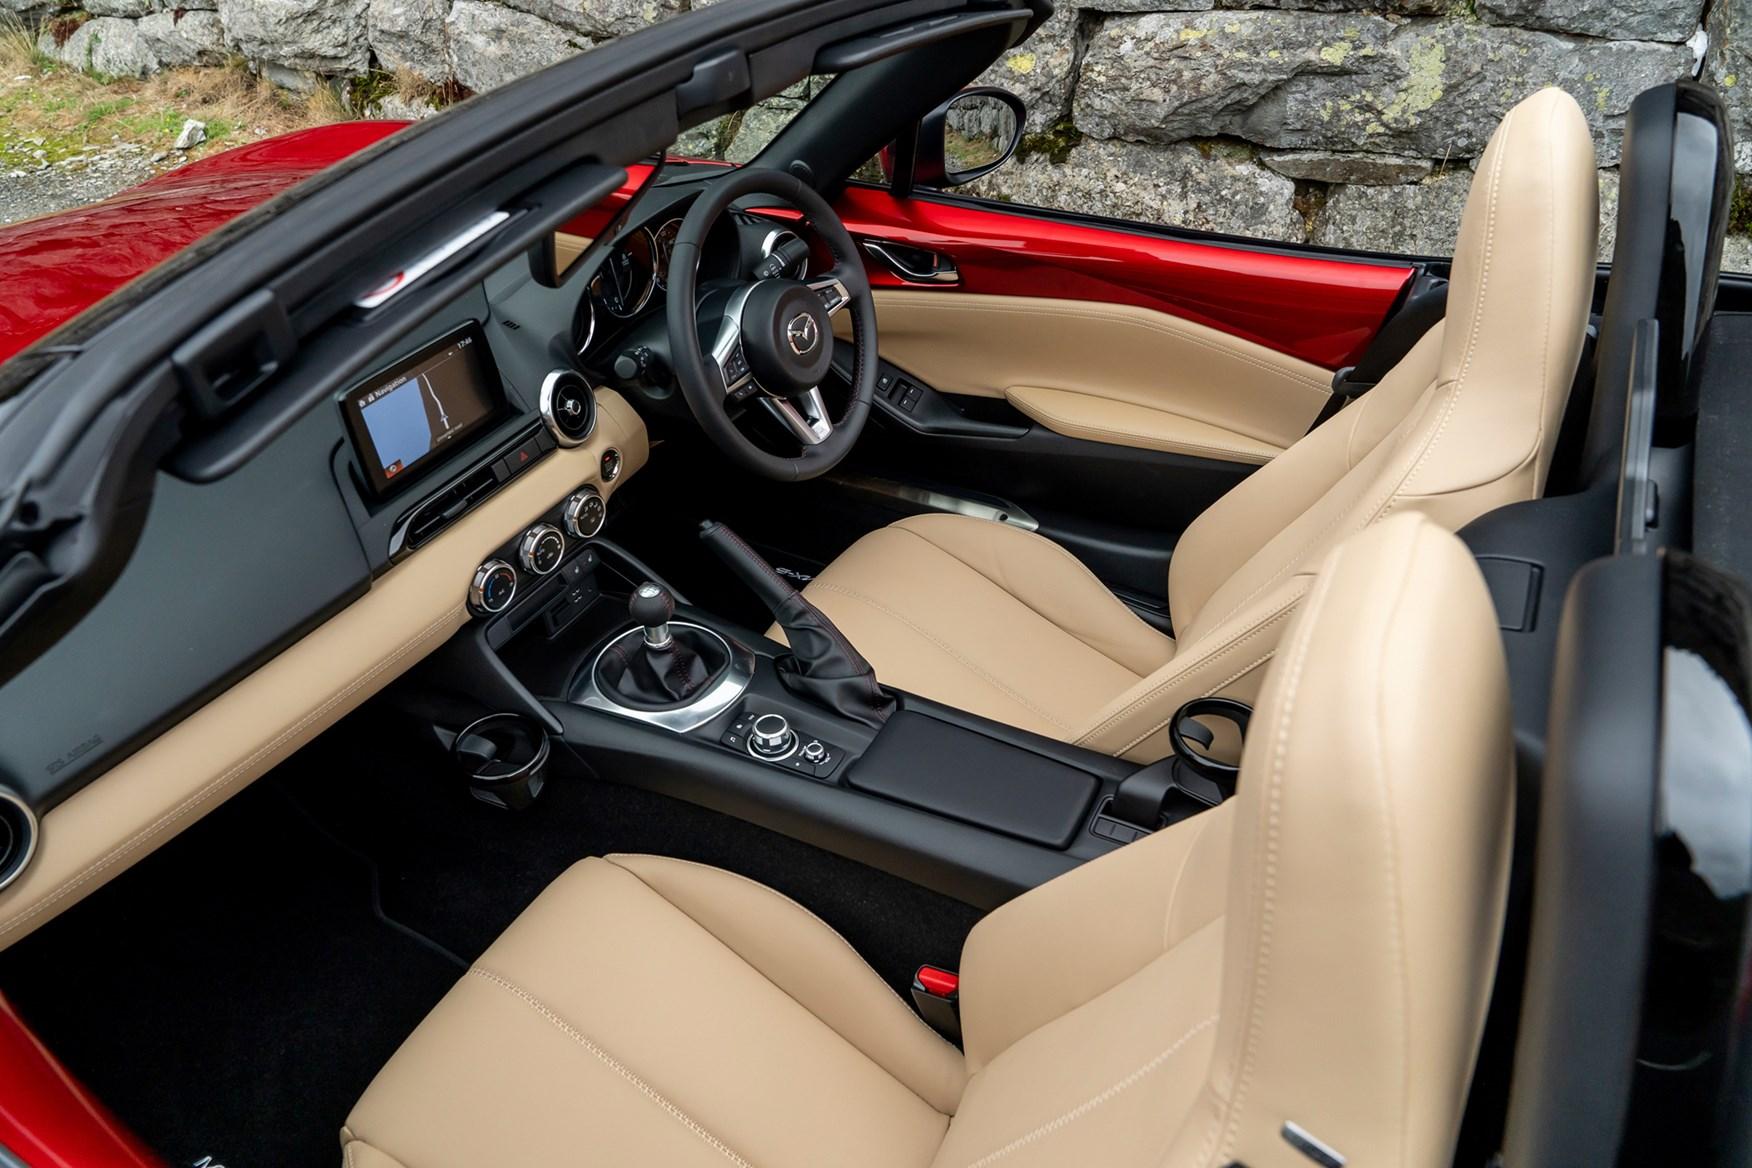 Beige 2018 Mazda MX-5 Roadster dashboard and seats